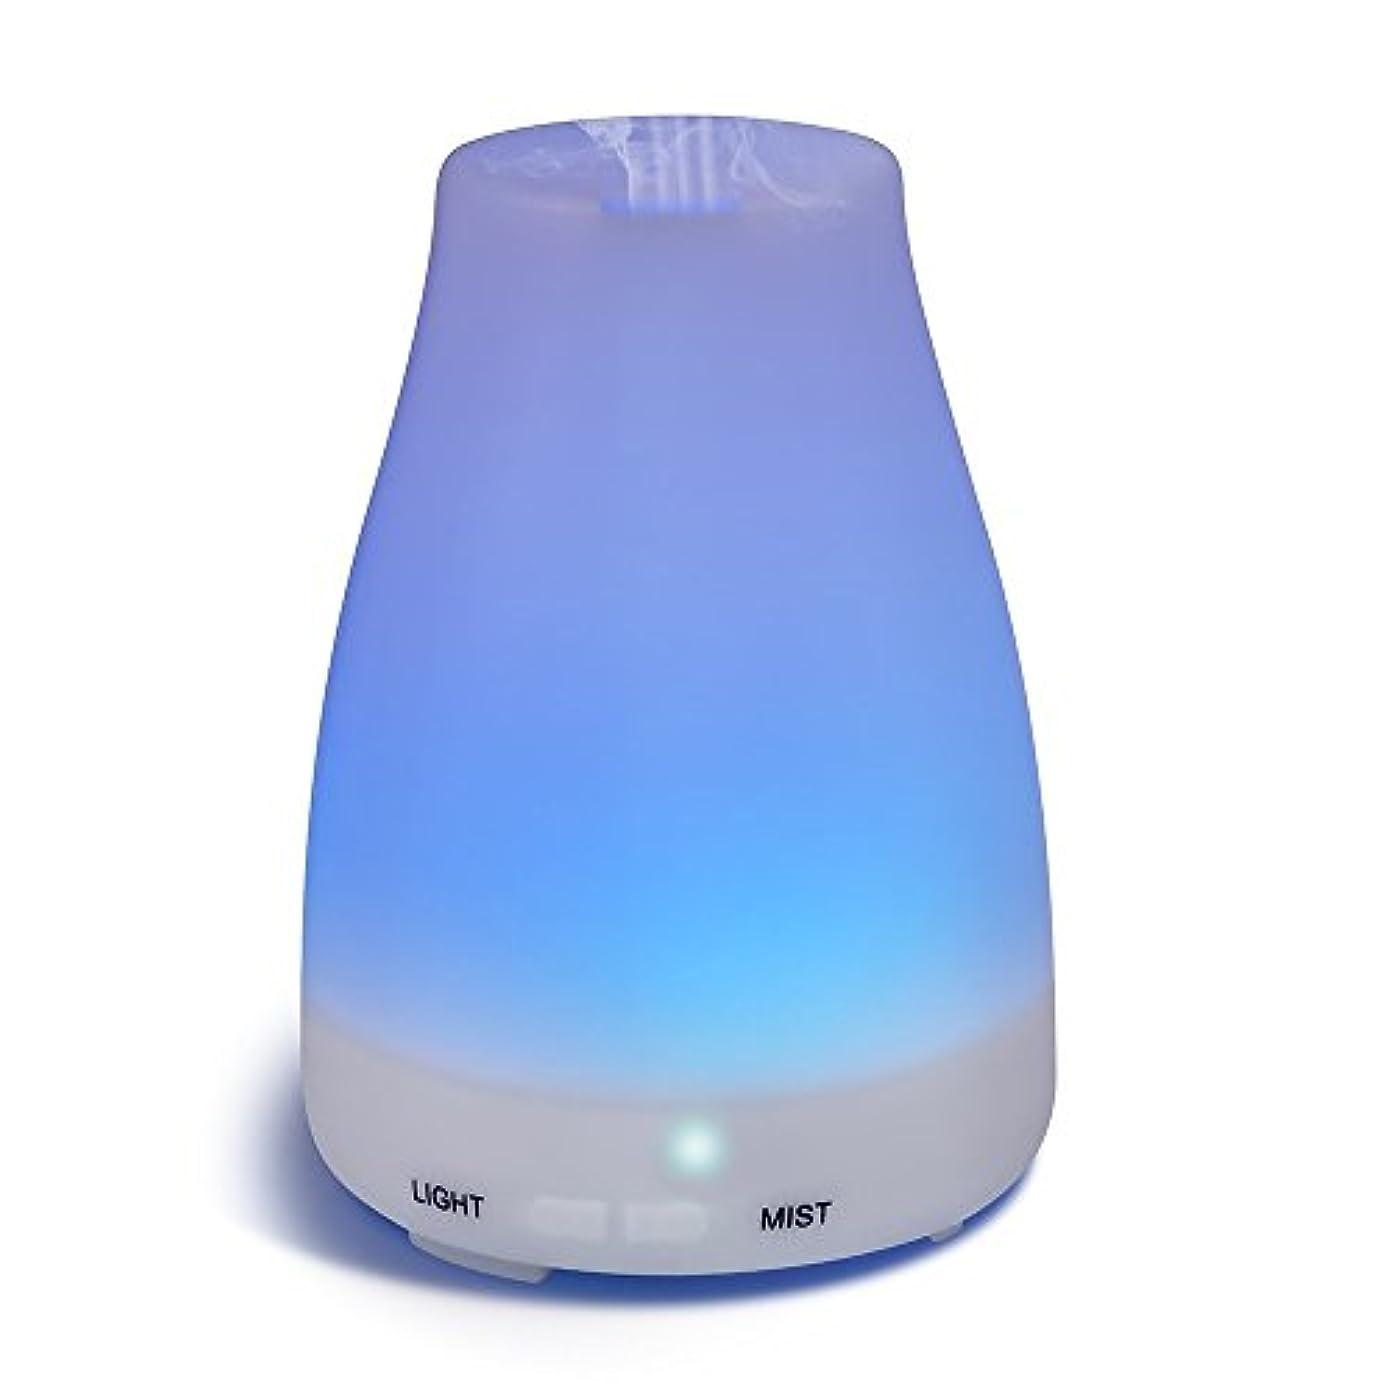 居住者味わう委任するHOMREE 100mL加湿器アロマセラピー エッセンシャル 油 ディフューザー、7 カラフル LED ライト、調節可能な ミスト モード そして オート シャット- オフ